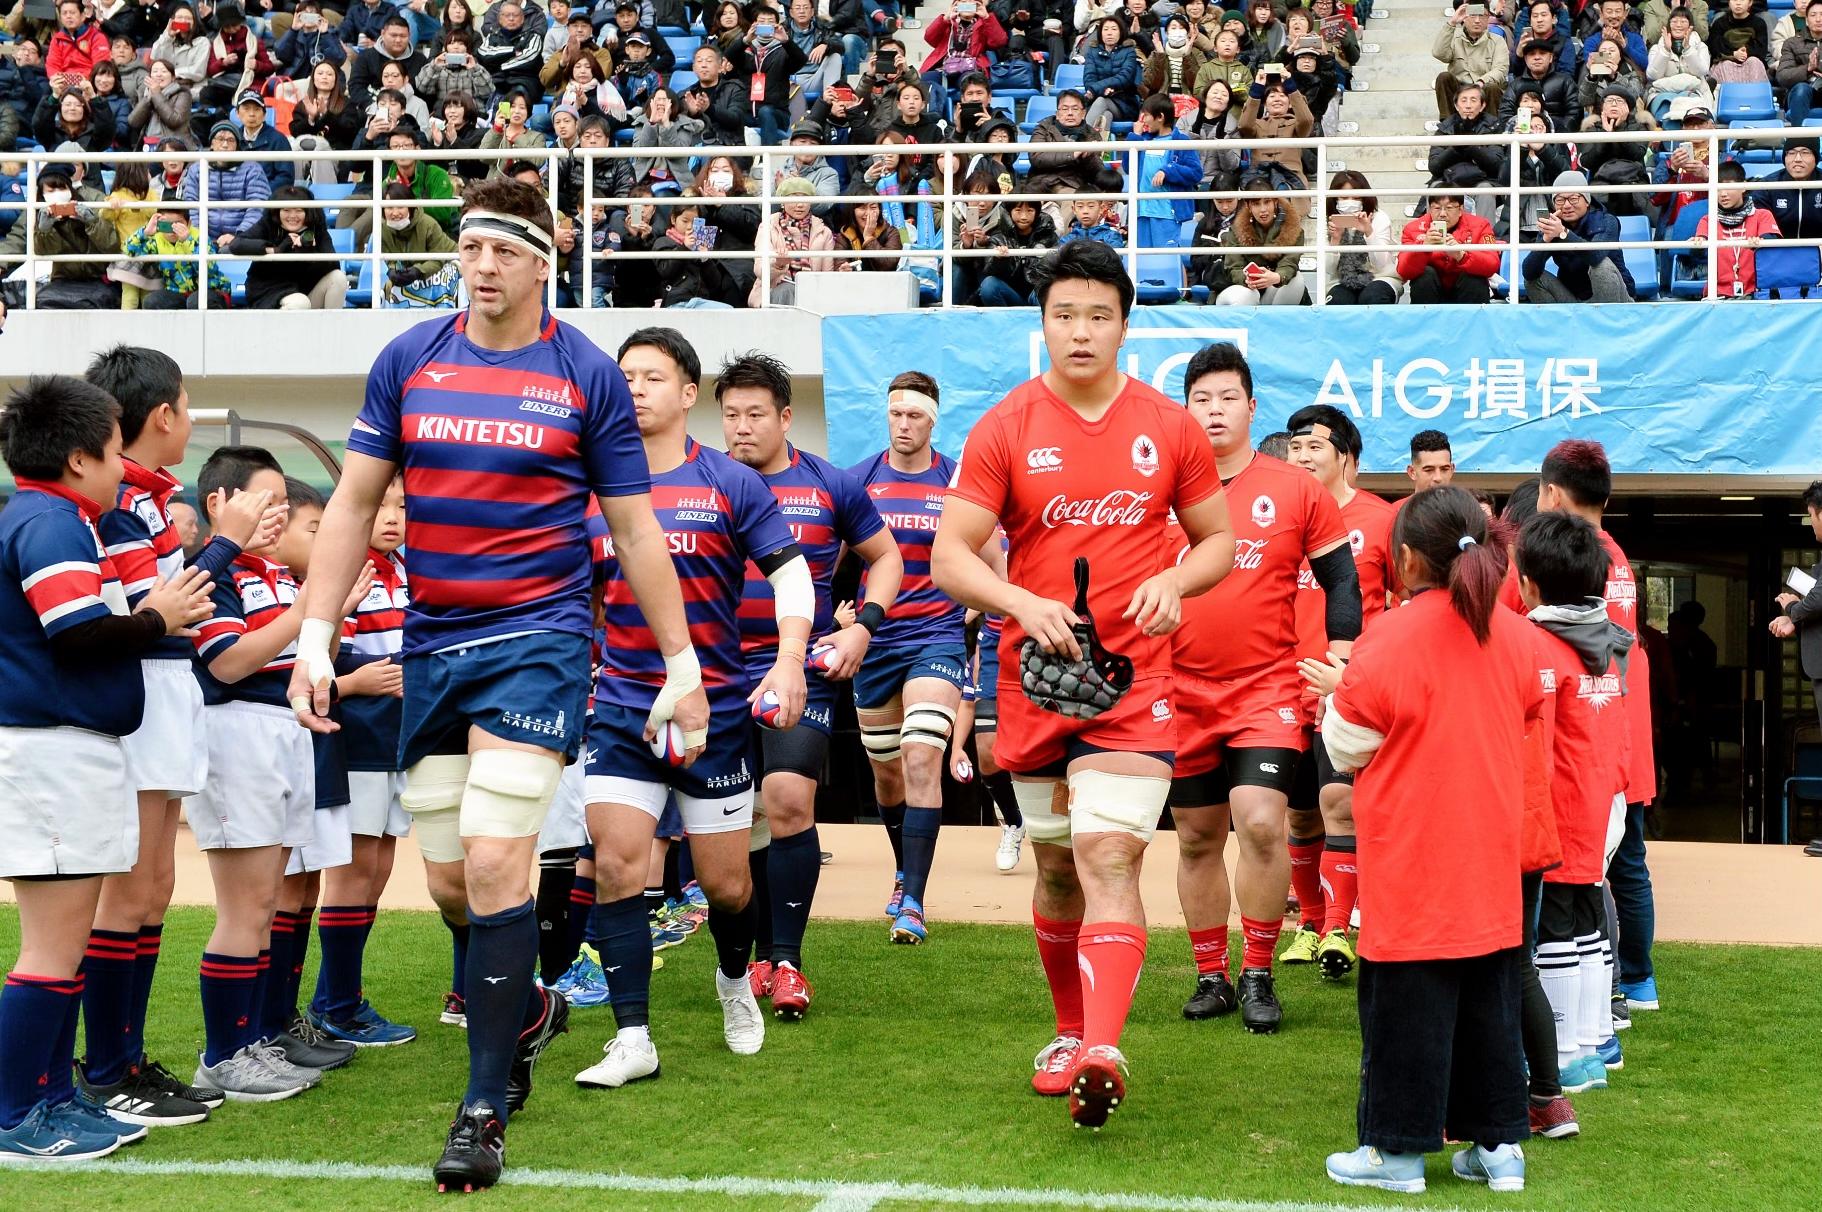 ジャパンラグビートップチャレンジリーグ2019第5節近鉄ライナーズ戦